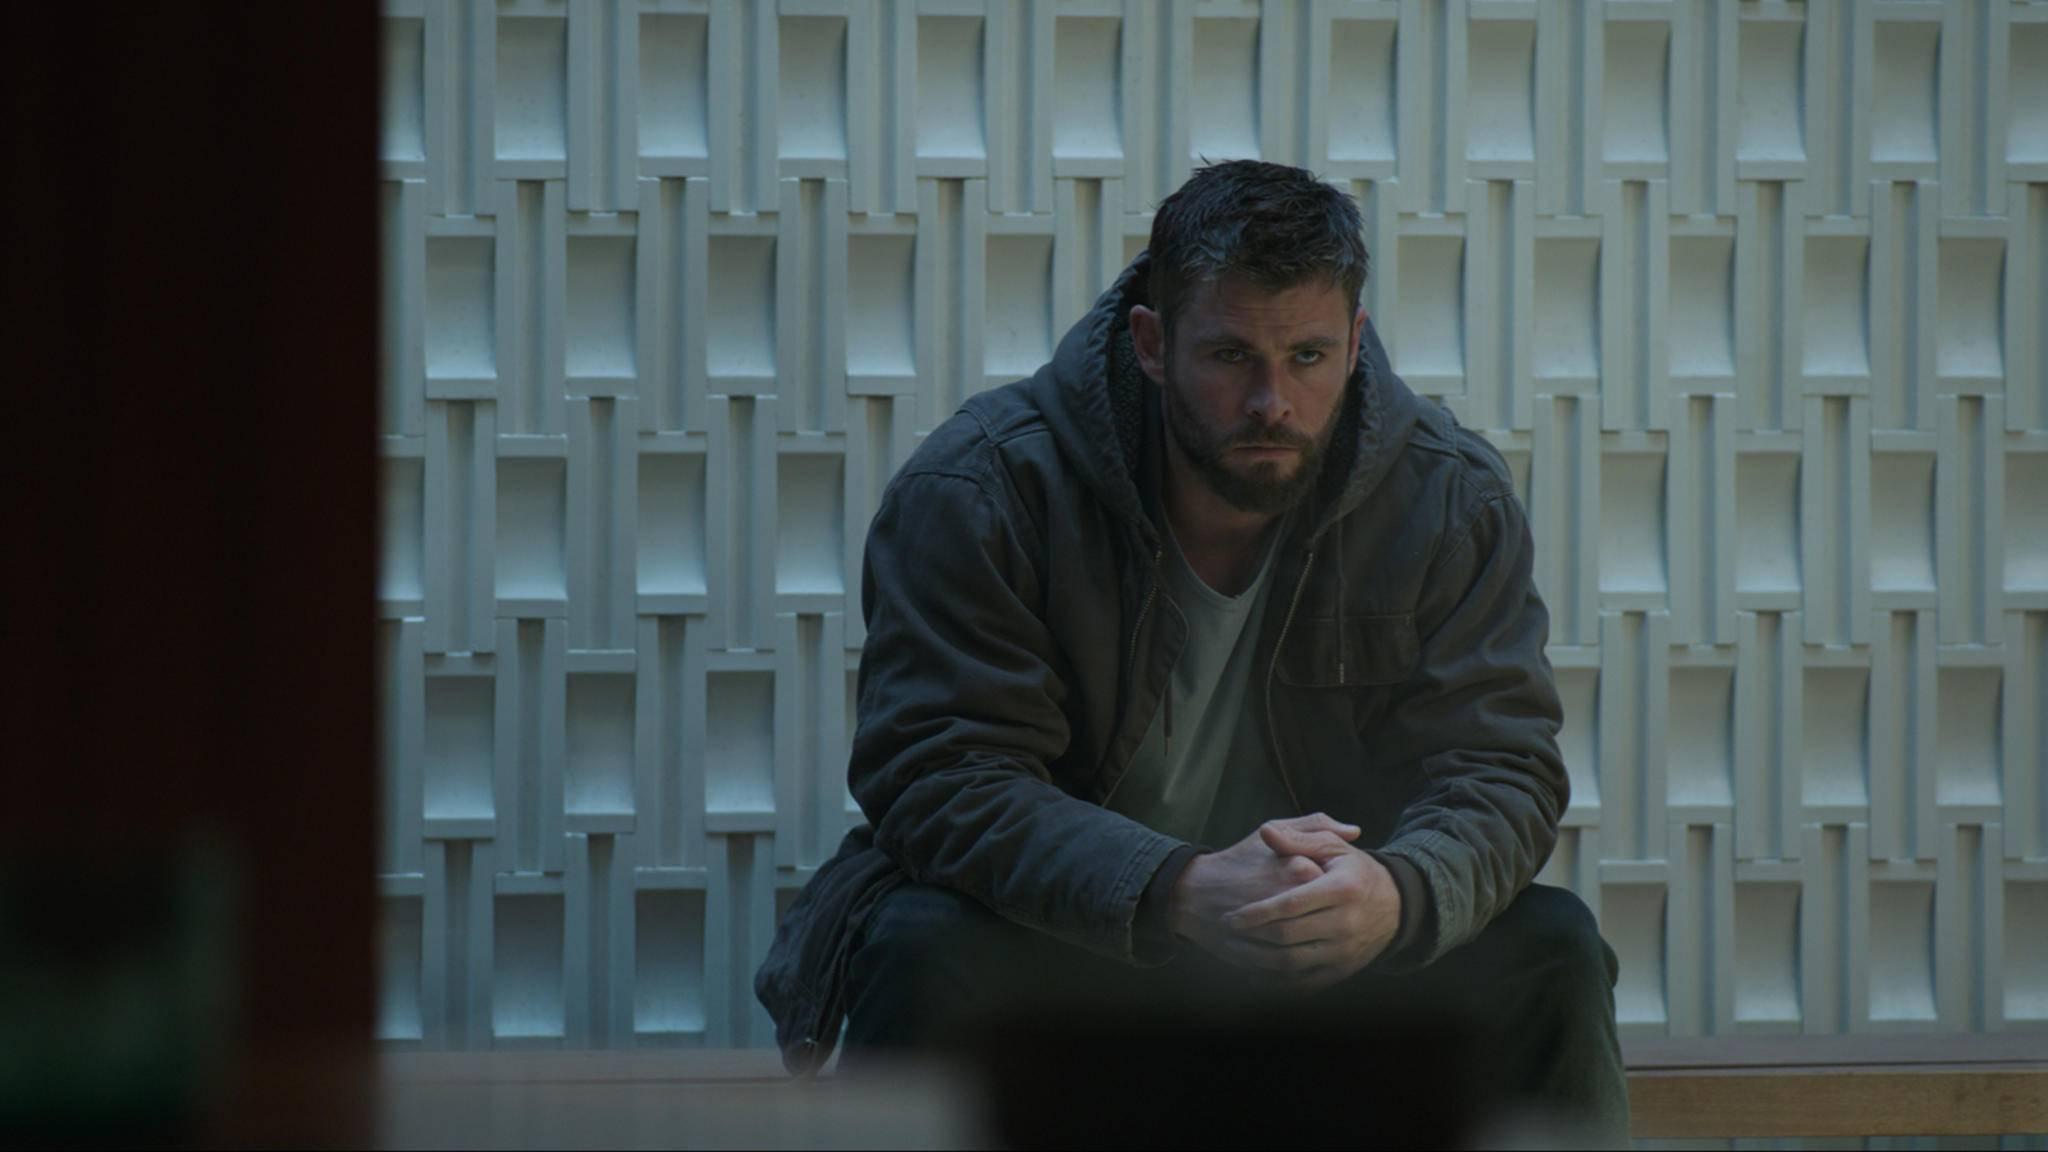 Mein rechter, rechter Platz ist frei ... Thor-Darsteller Chris Hemsworth war unter den anwesenden Stars. Doch rings um ihn und seine Kollegen waren leere Stühle zu finden.